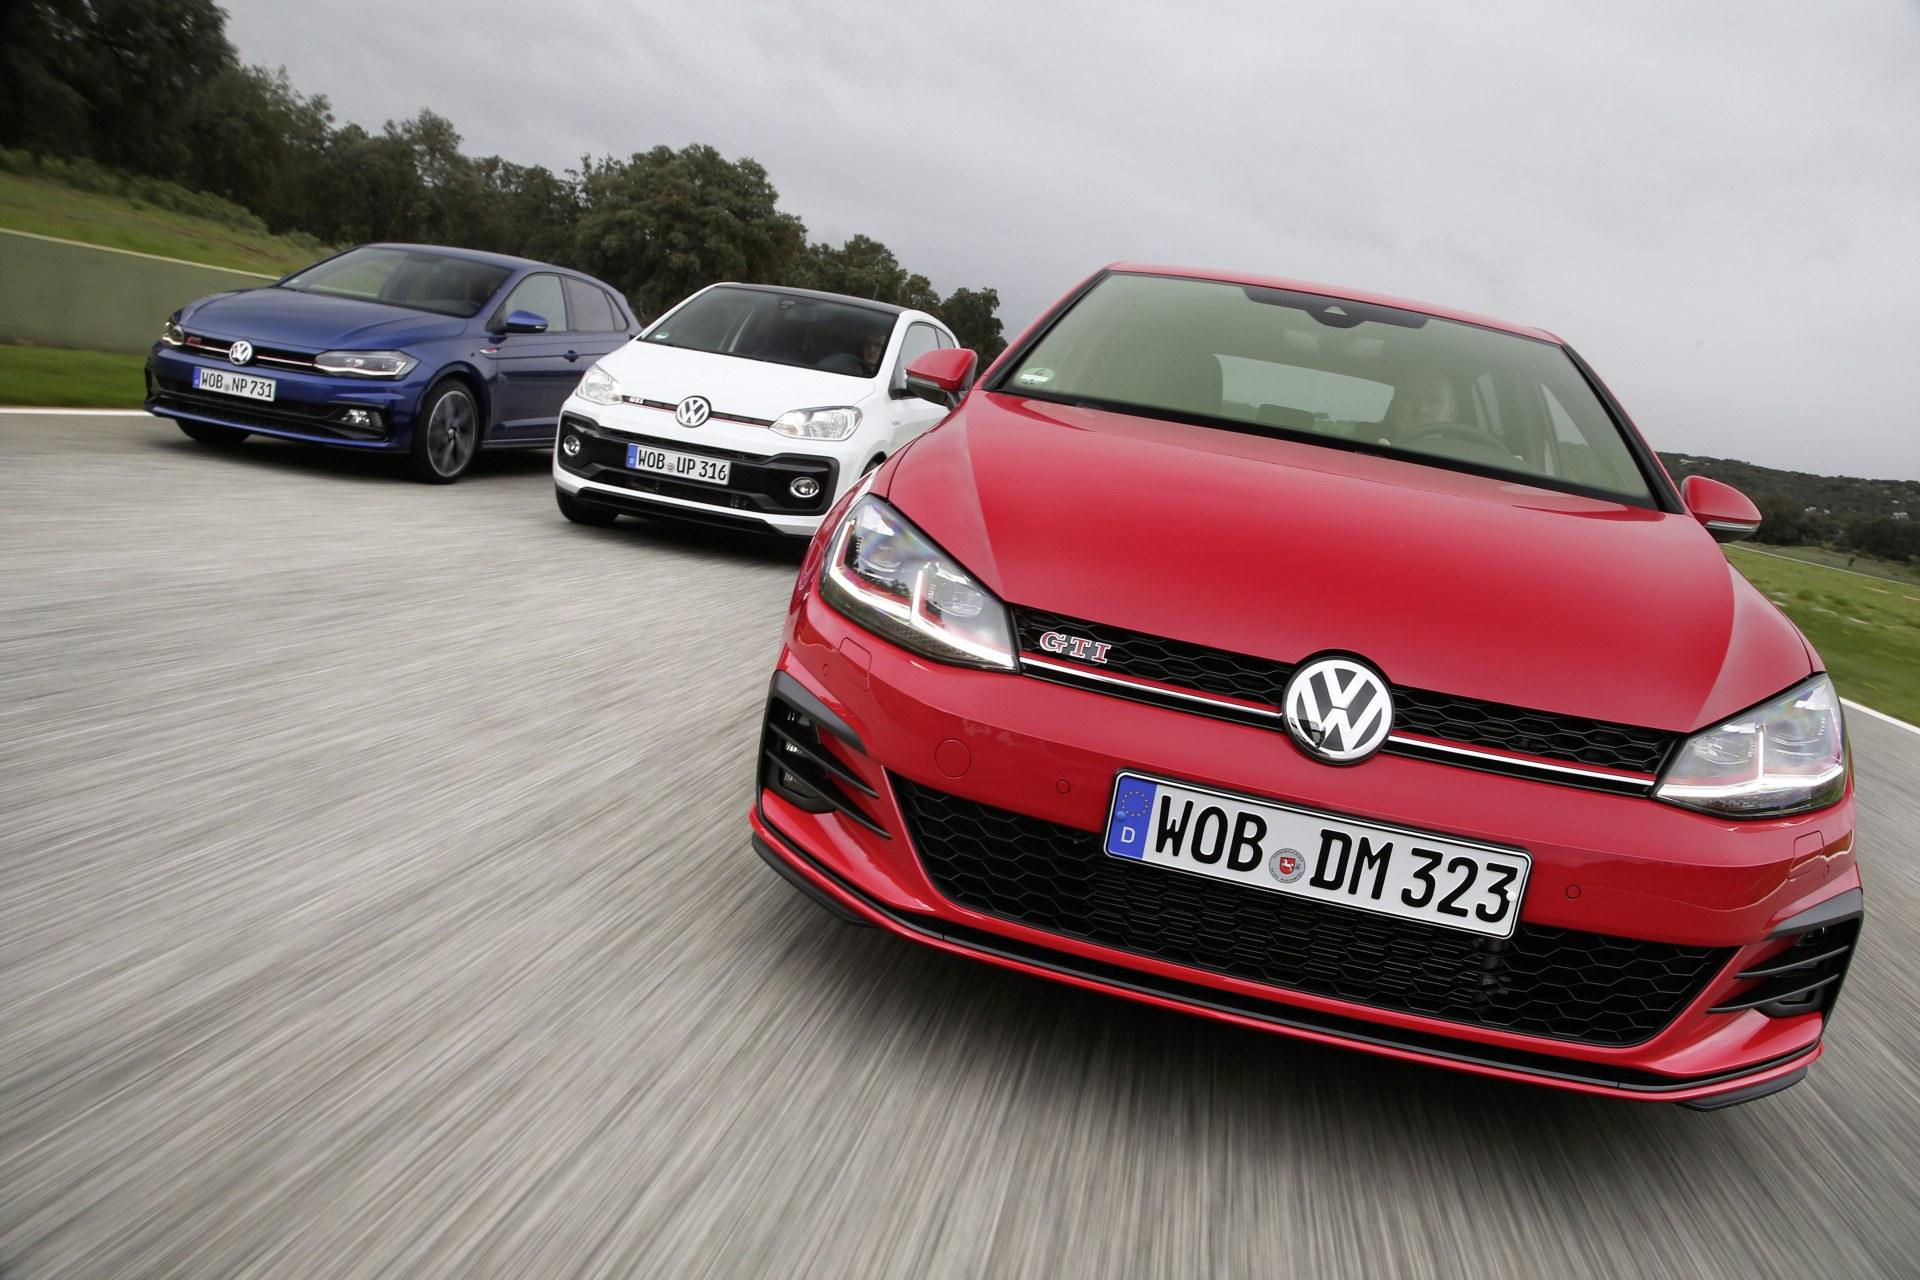 GTI od lat jest synonimem sportu i codziennej użyteczności W obecnej gamie Volkswagen ma trzy takie samochody – malutkiego up a miejskie Polo i